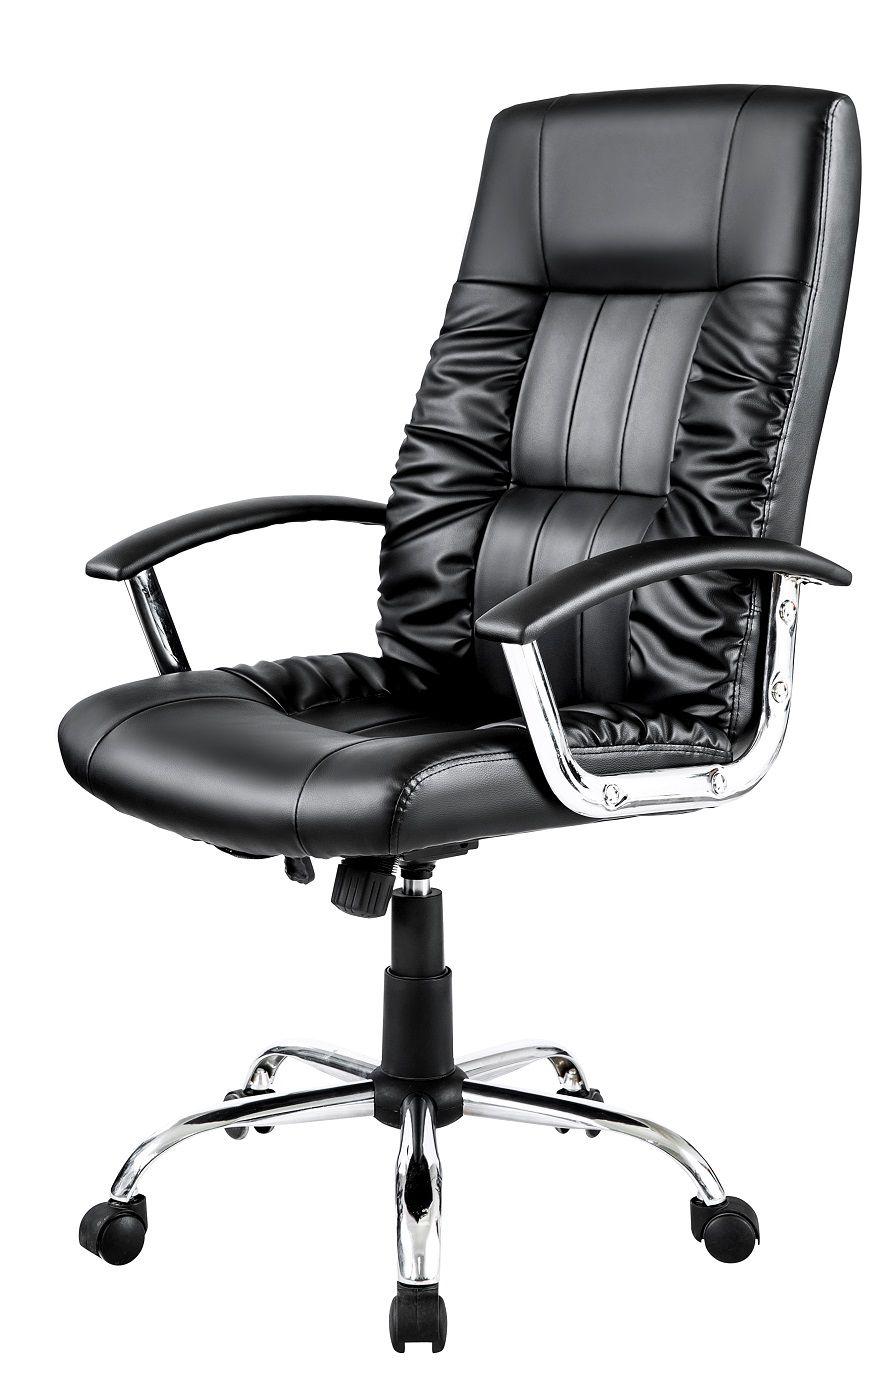 Cadeira Presidente Pelegrin PEL-9299 em Couro PU Preta